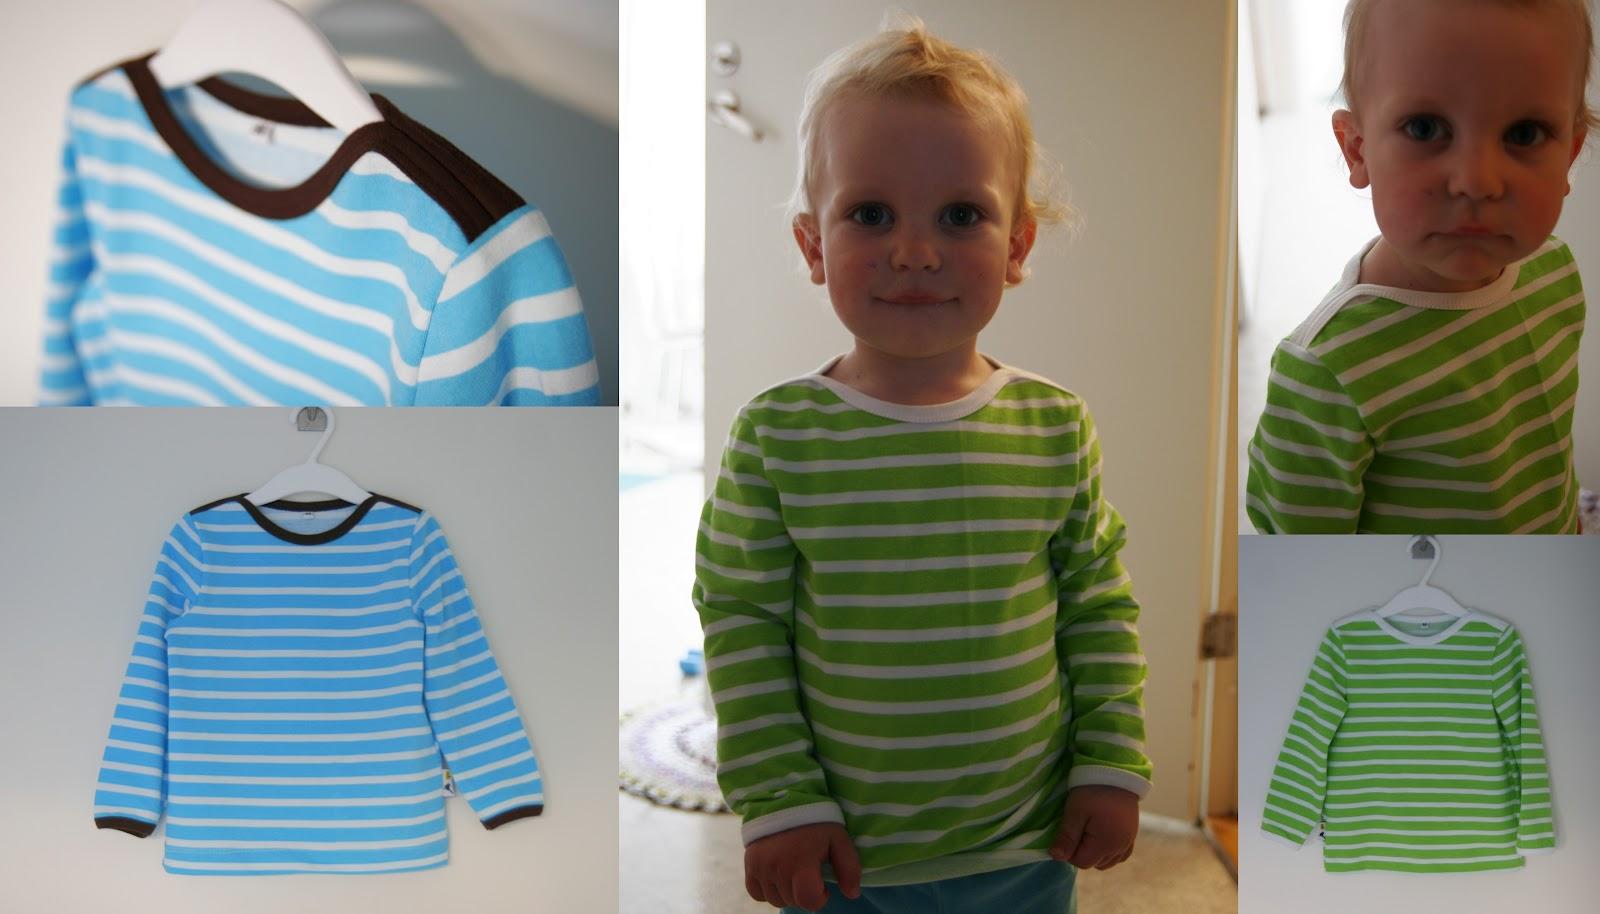 Innan jag sydde sonens tröjor passade jag på att rita ett nytt lite vidare  tröjmönster. Sonen behöver egentligen inga nya kläder b7a62e50af829